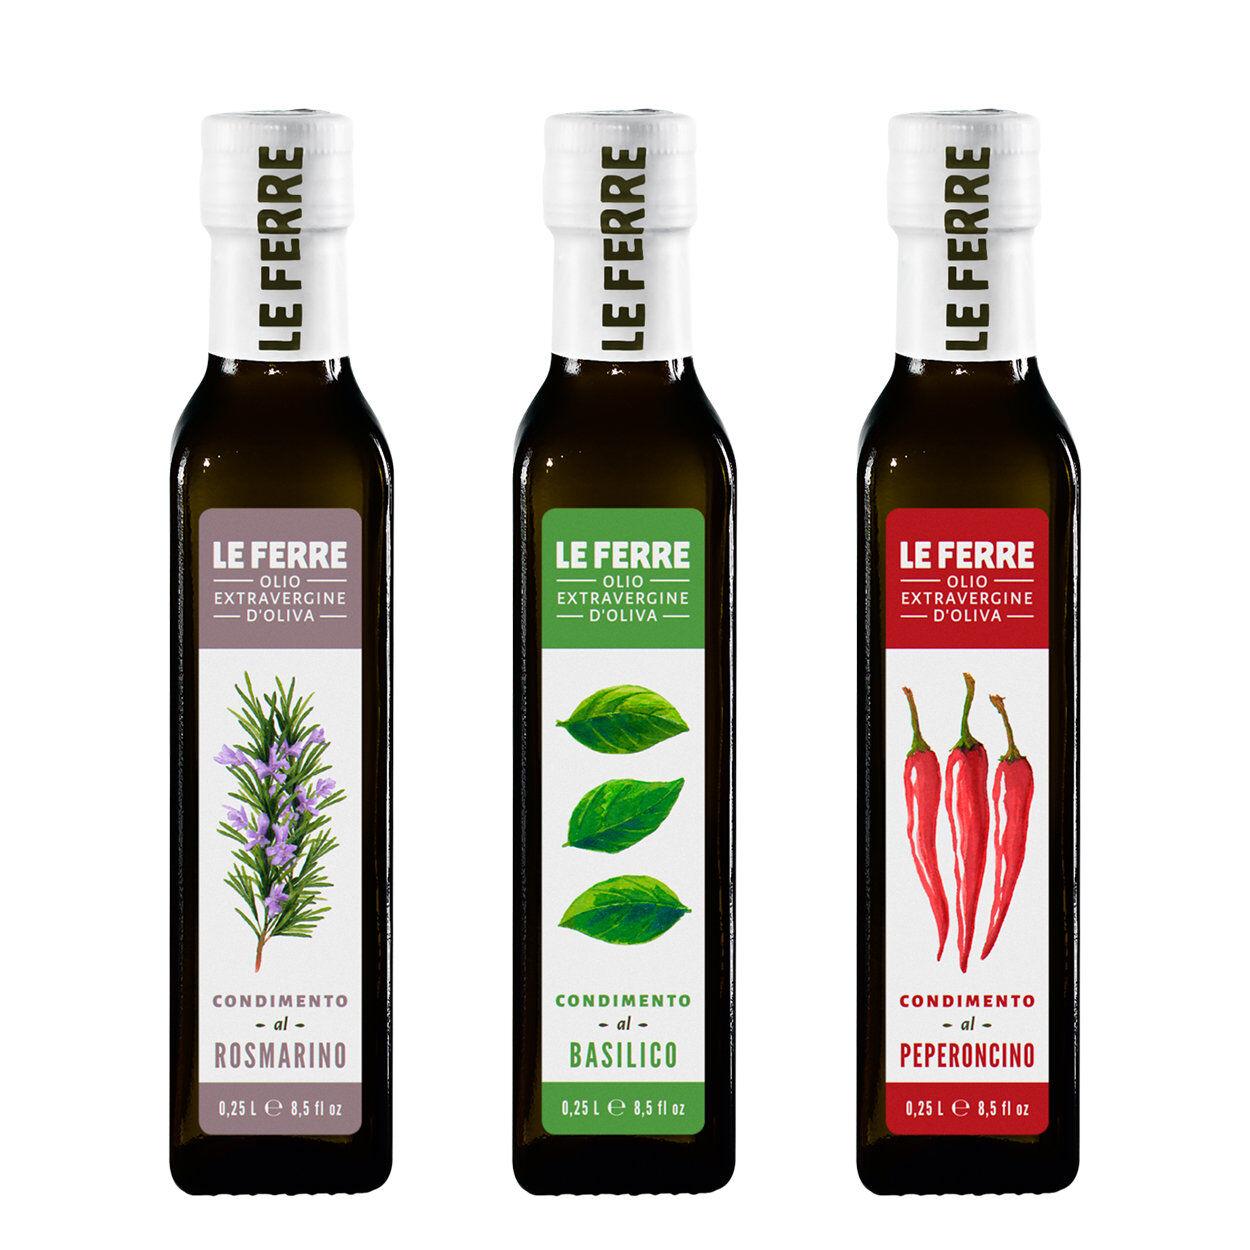 Le Ferre 3 bottiglie - Condimento aromatizzato 0,25 lt: Rosmarino - Basilico - Peperoncino